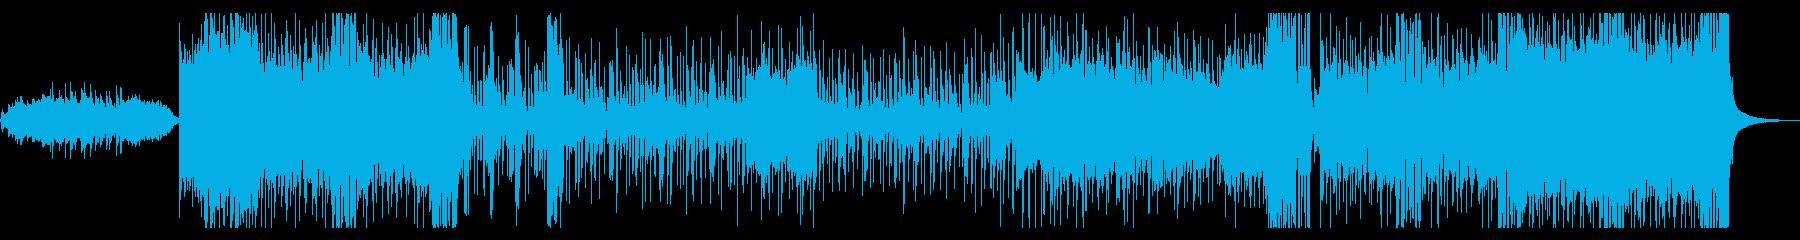 ヒーローもののOP曲にありそうな曲の再生済みの波形